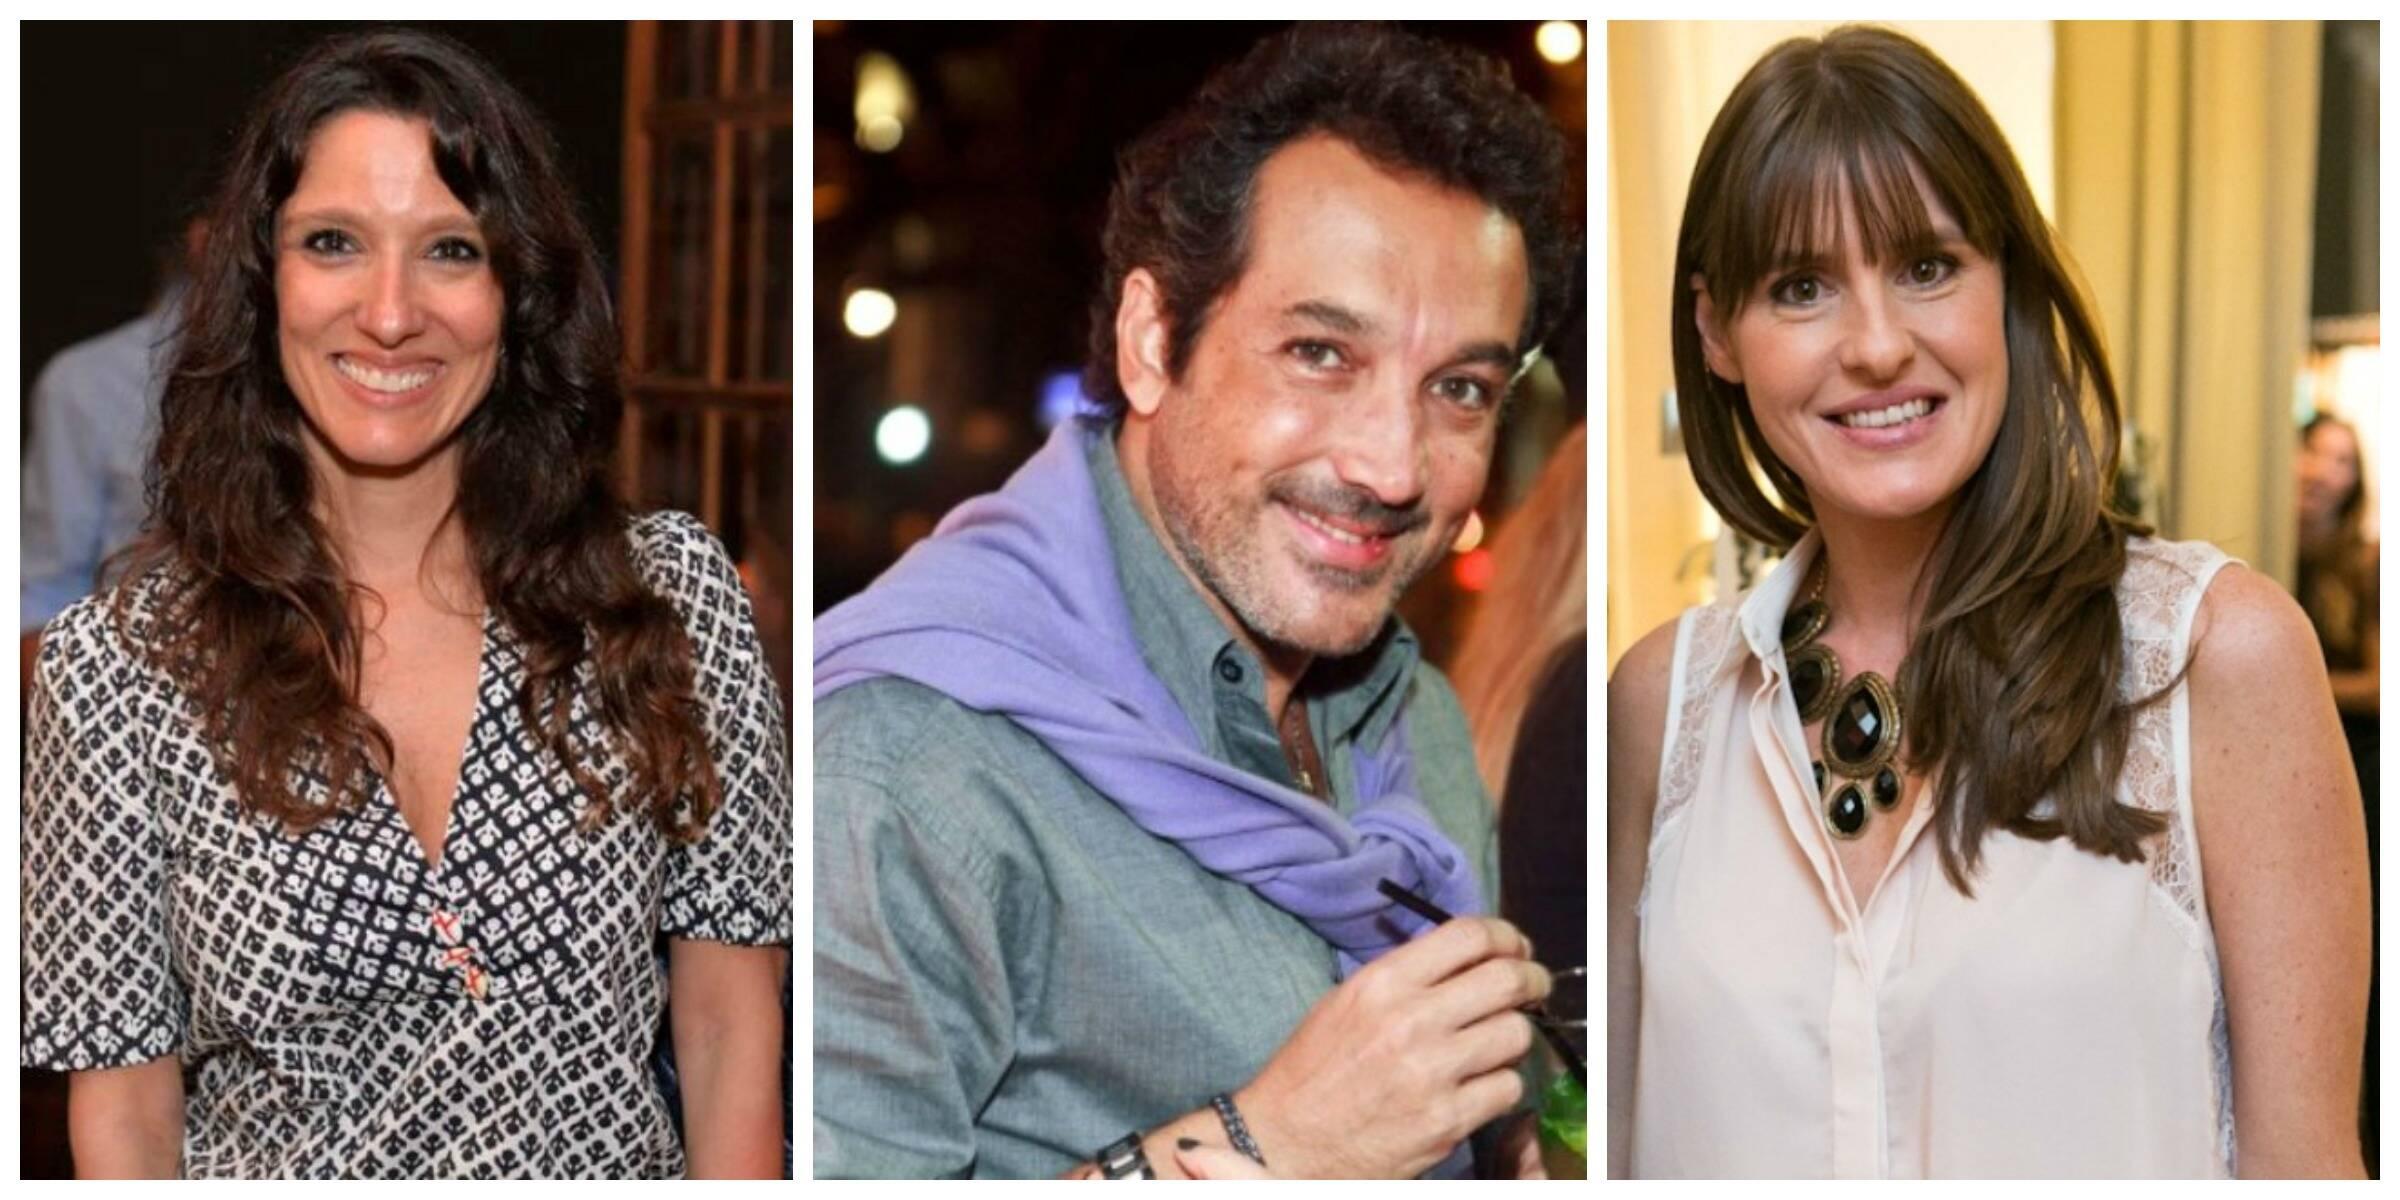 Os jurados que vão eleger a mulher mais elegante do GP Brasil: Isabela Capeto, Irajá Carneiro e Juliana Burlamaqui/ Fotos: Bruno Ryfer